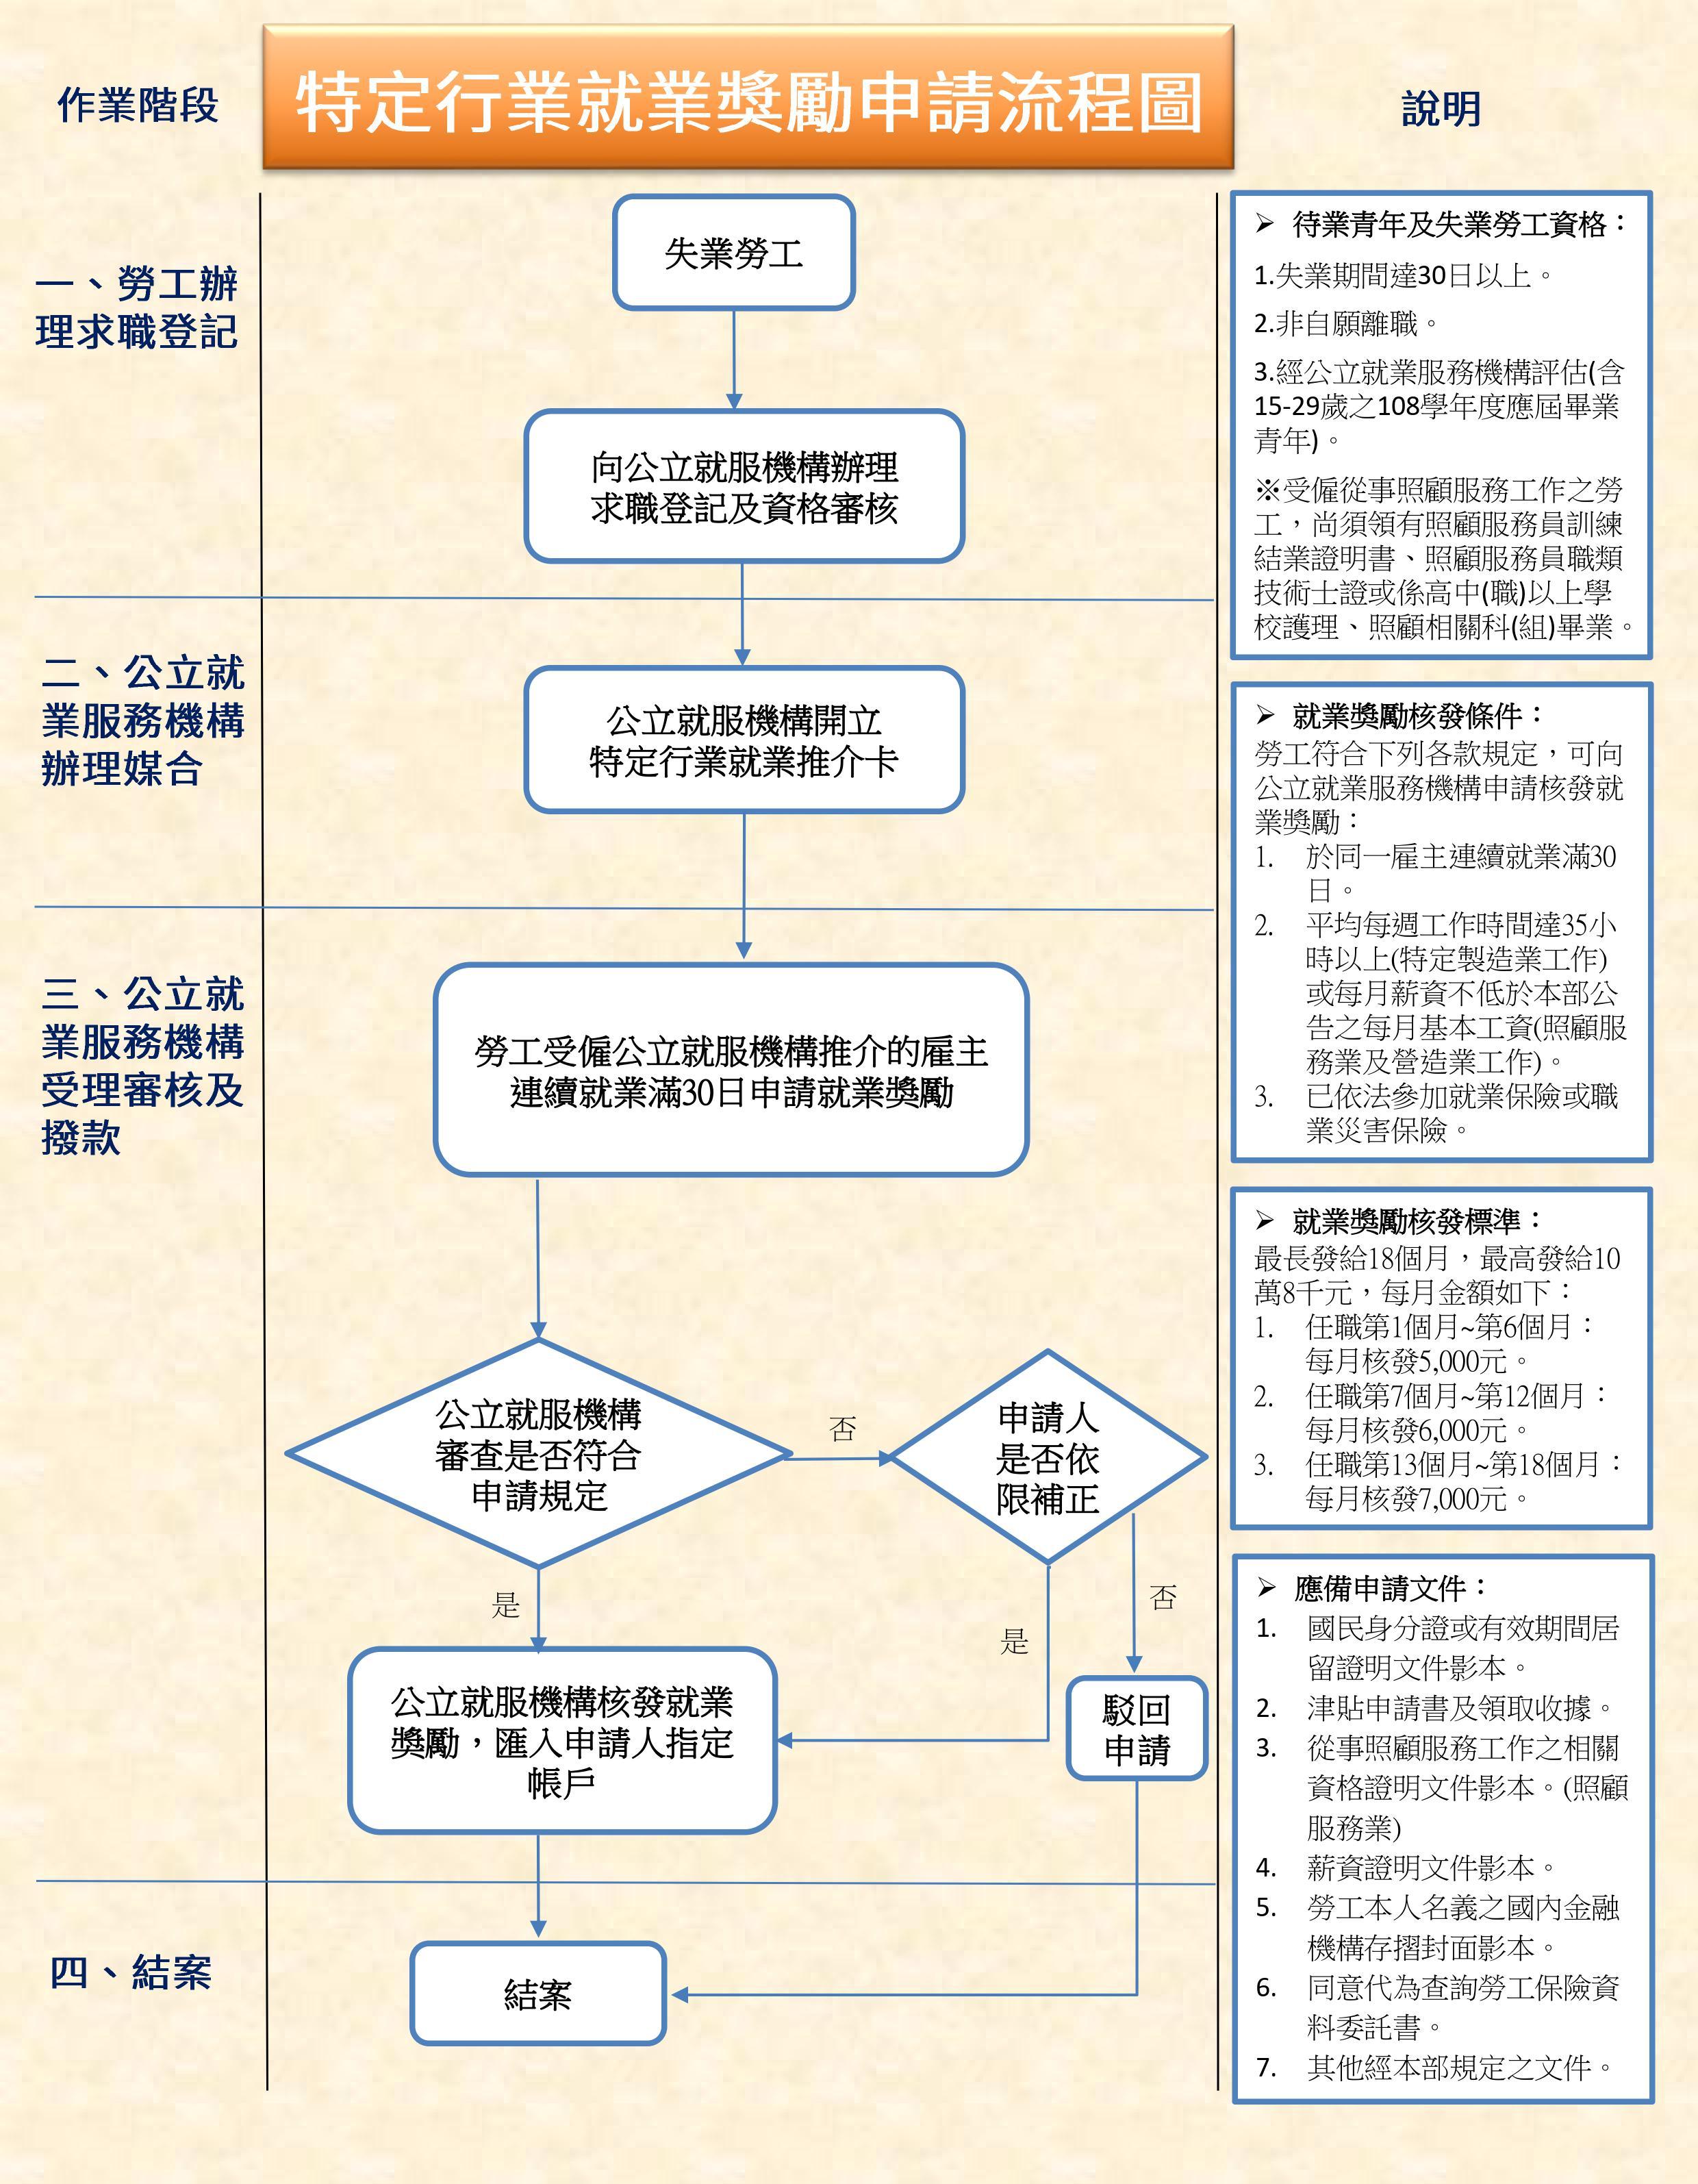 營造業就業獎勵申請流程圖